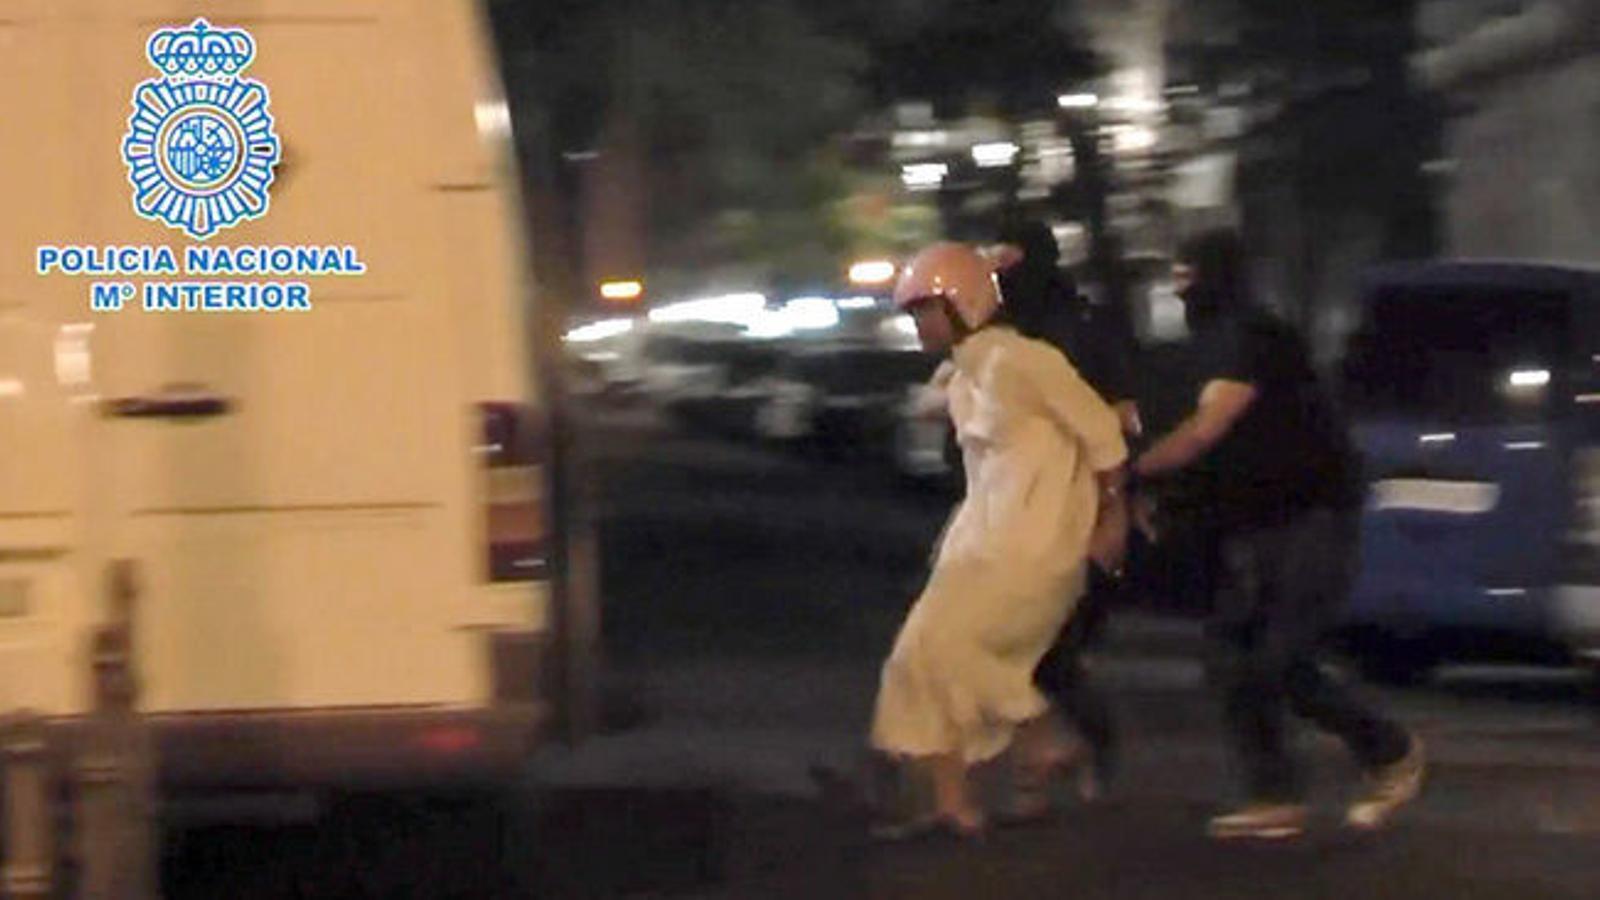 Agents de la policia espanyola efectuant les detencions relacionades amb jihadisme a Madrid, aquesta matinada